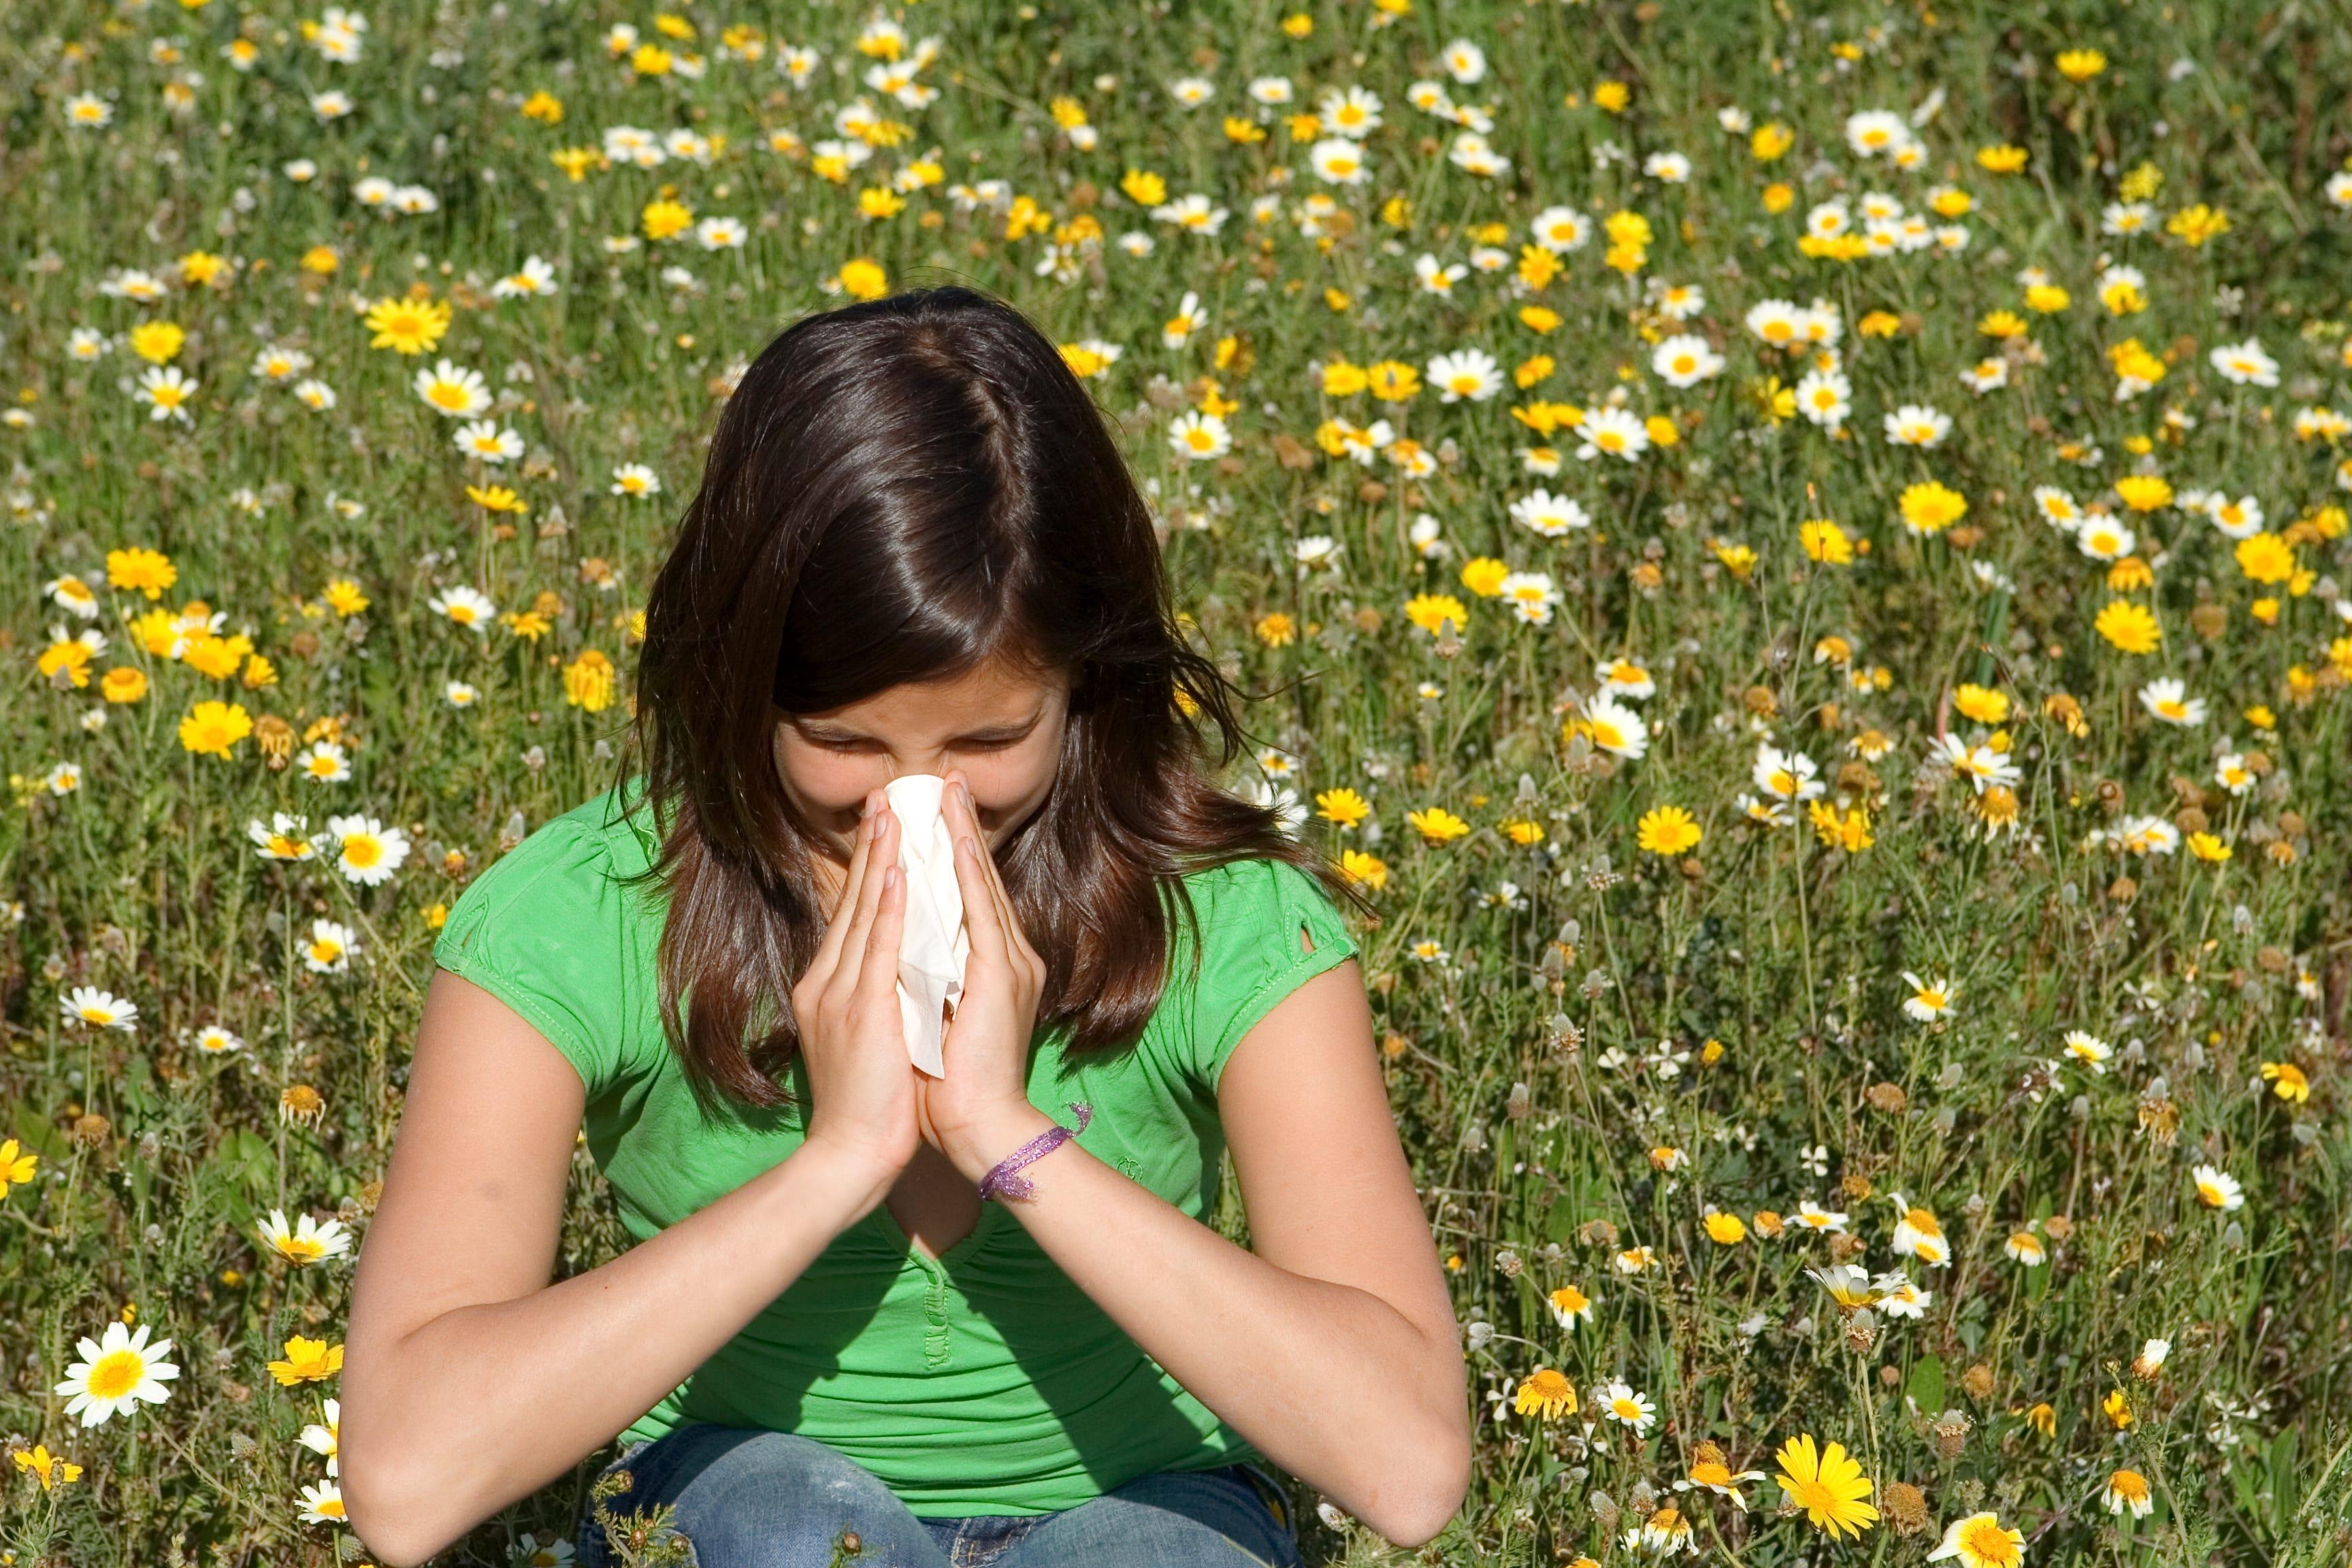 Allergie di primavera, come evitarle con i rimedi naturali. Le mascherine aiutano ad allontanare i pollini